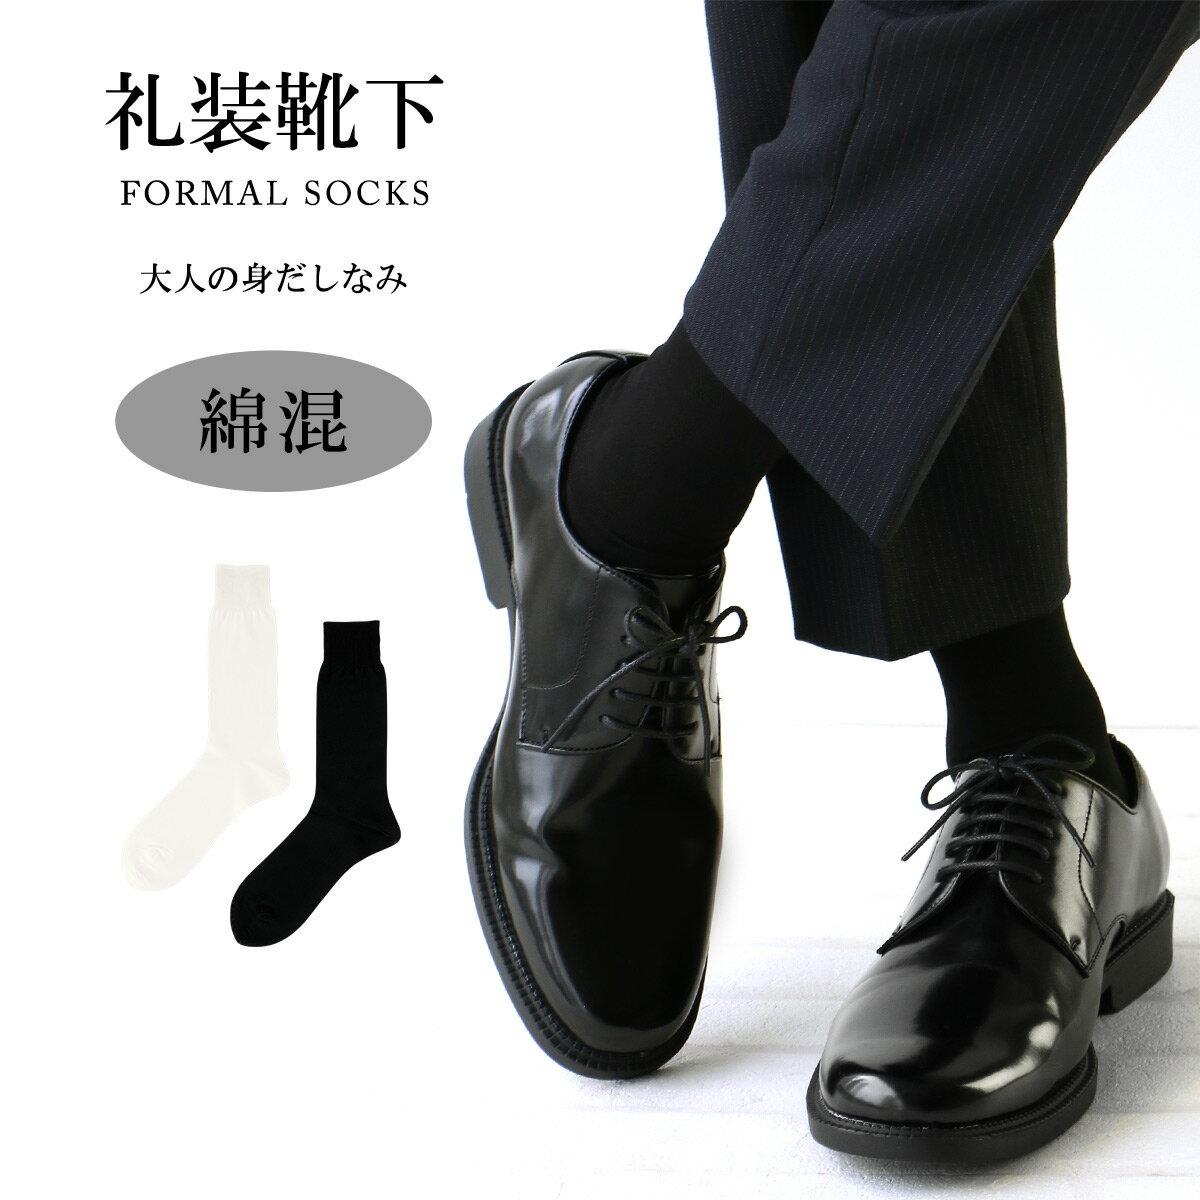 ナイガイ フォーマル メンズ ソックス (冠婚葬祭・礼装用 靴下 ) 2262-427 【ゆうパケット・6点まで】